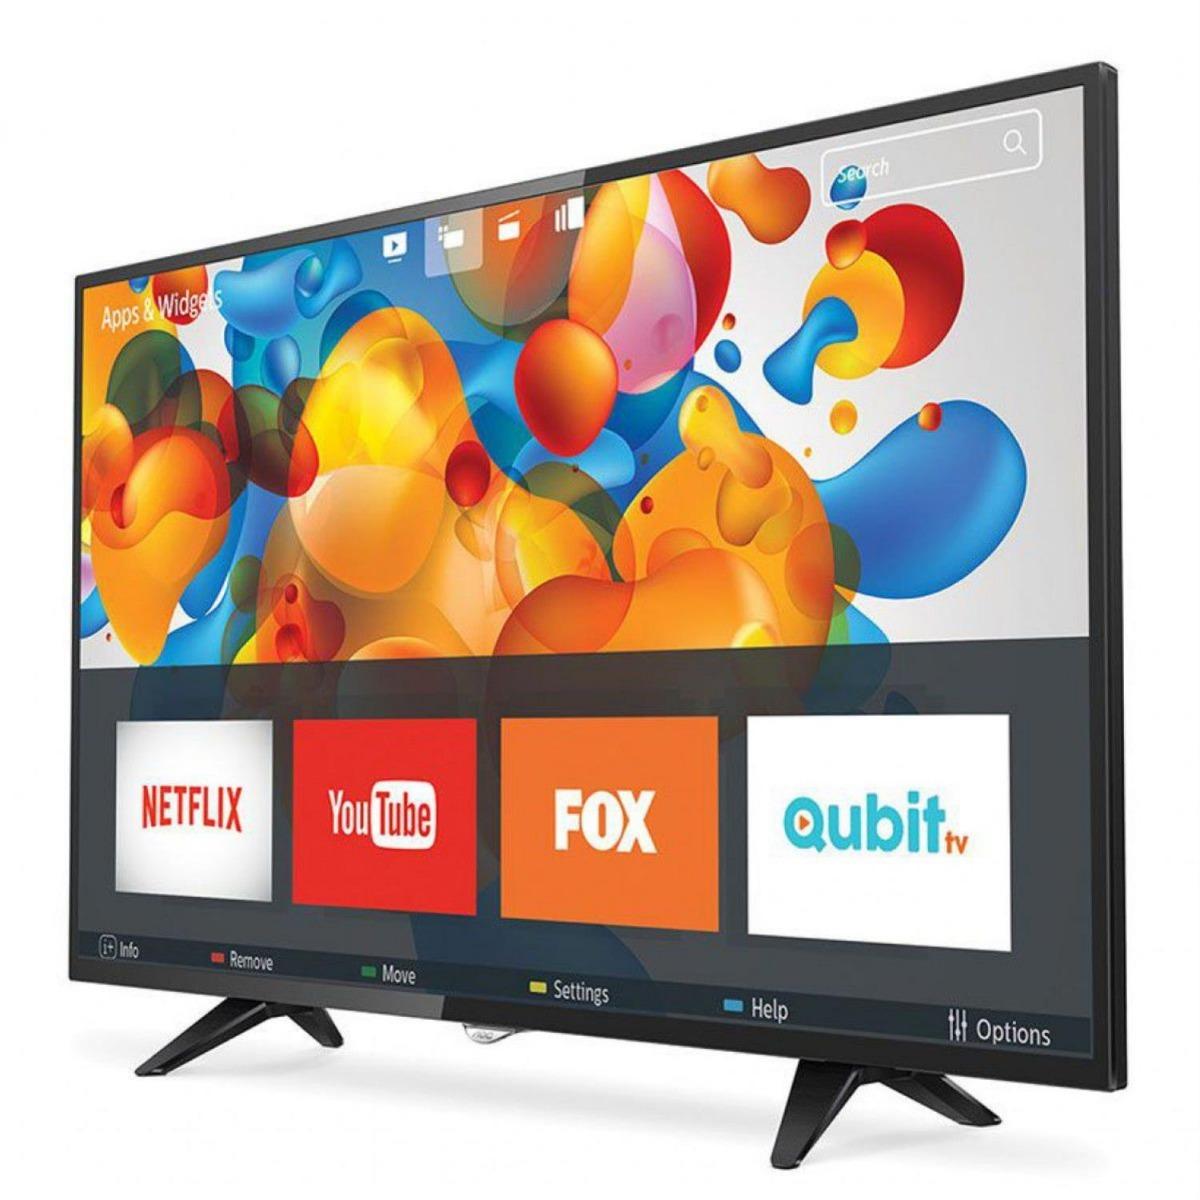 db1a42d8f03b8 smart tv 32 led aoc hd usb hdmi tda nuevo oferta. Cargando zoom.